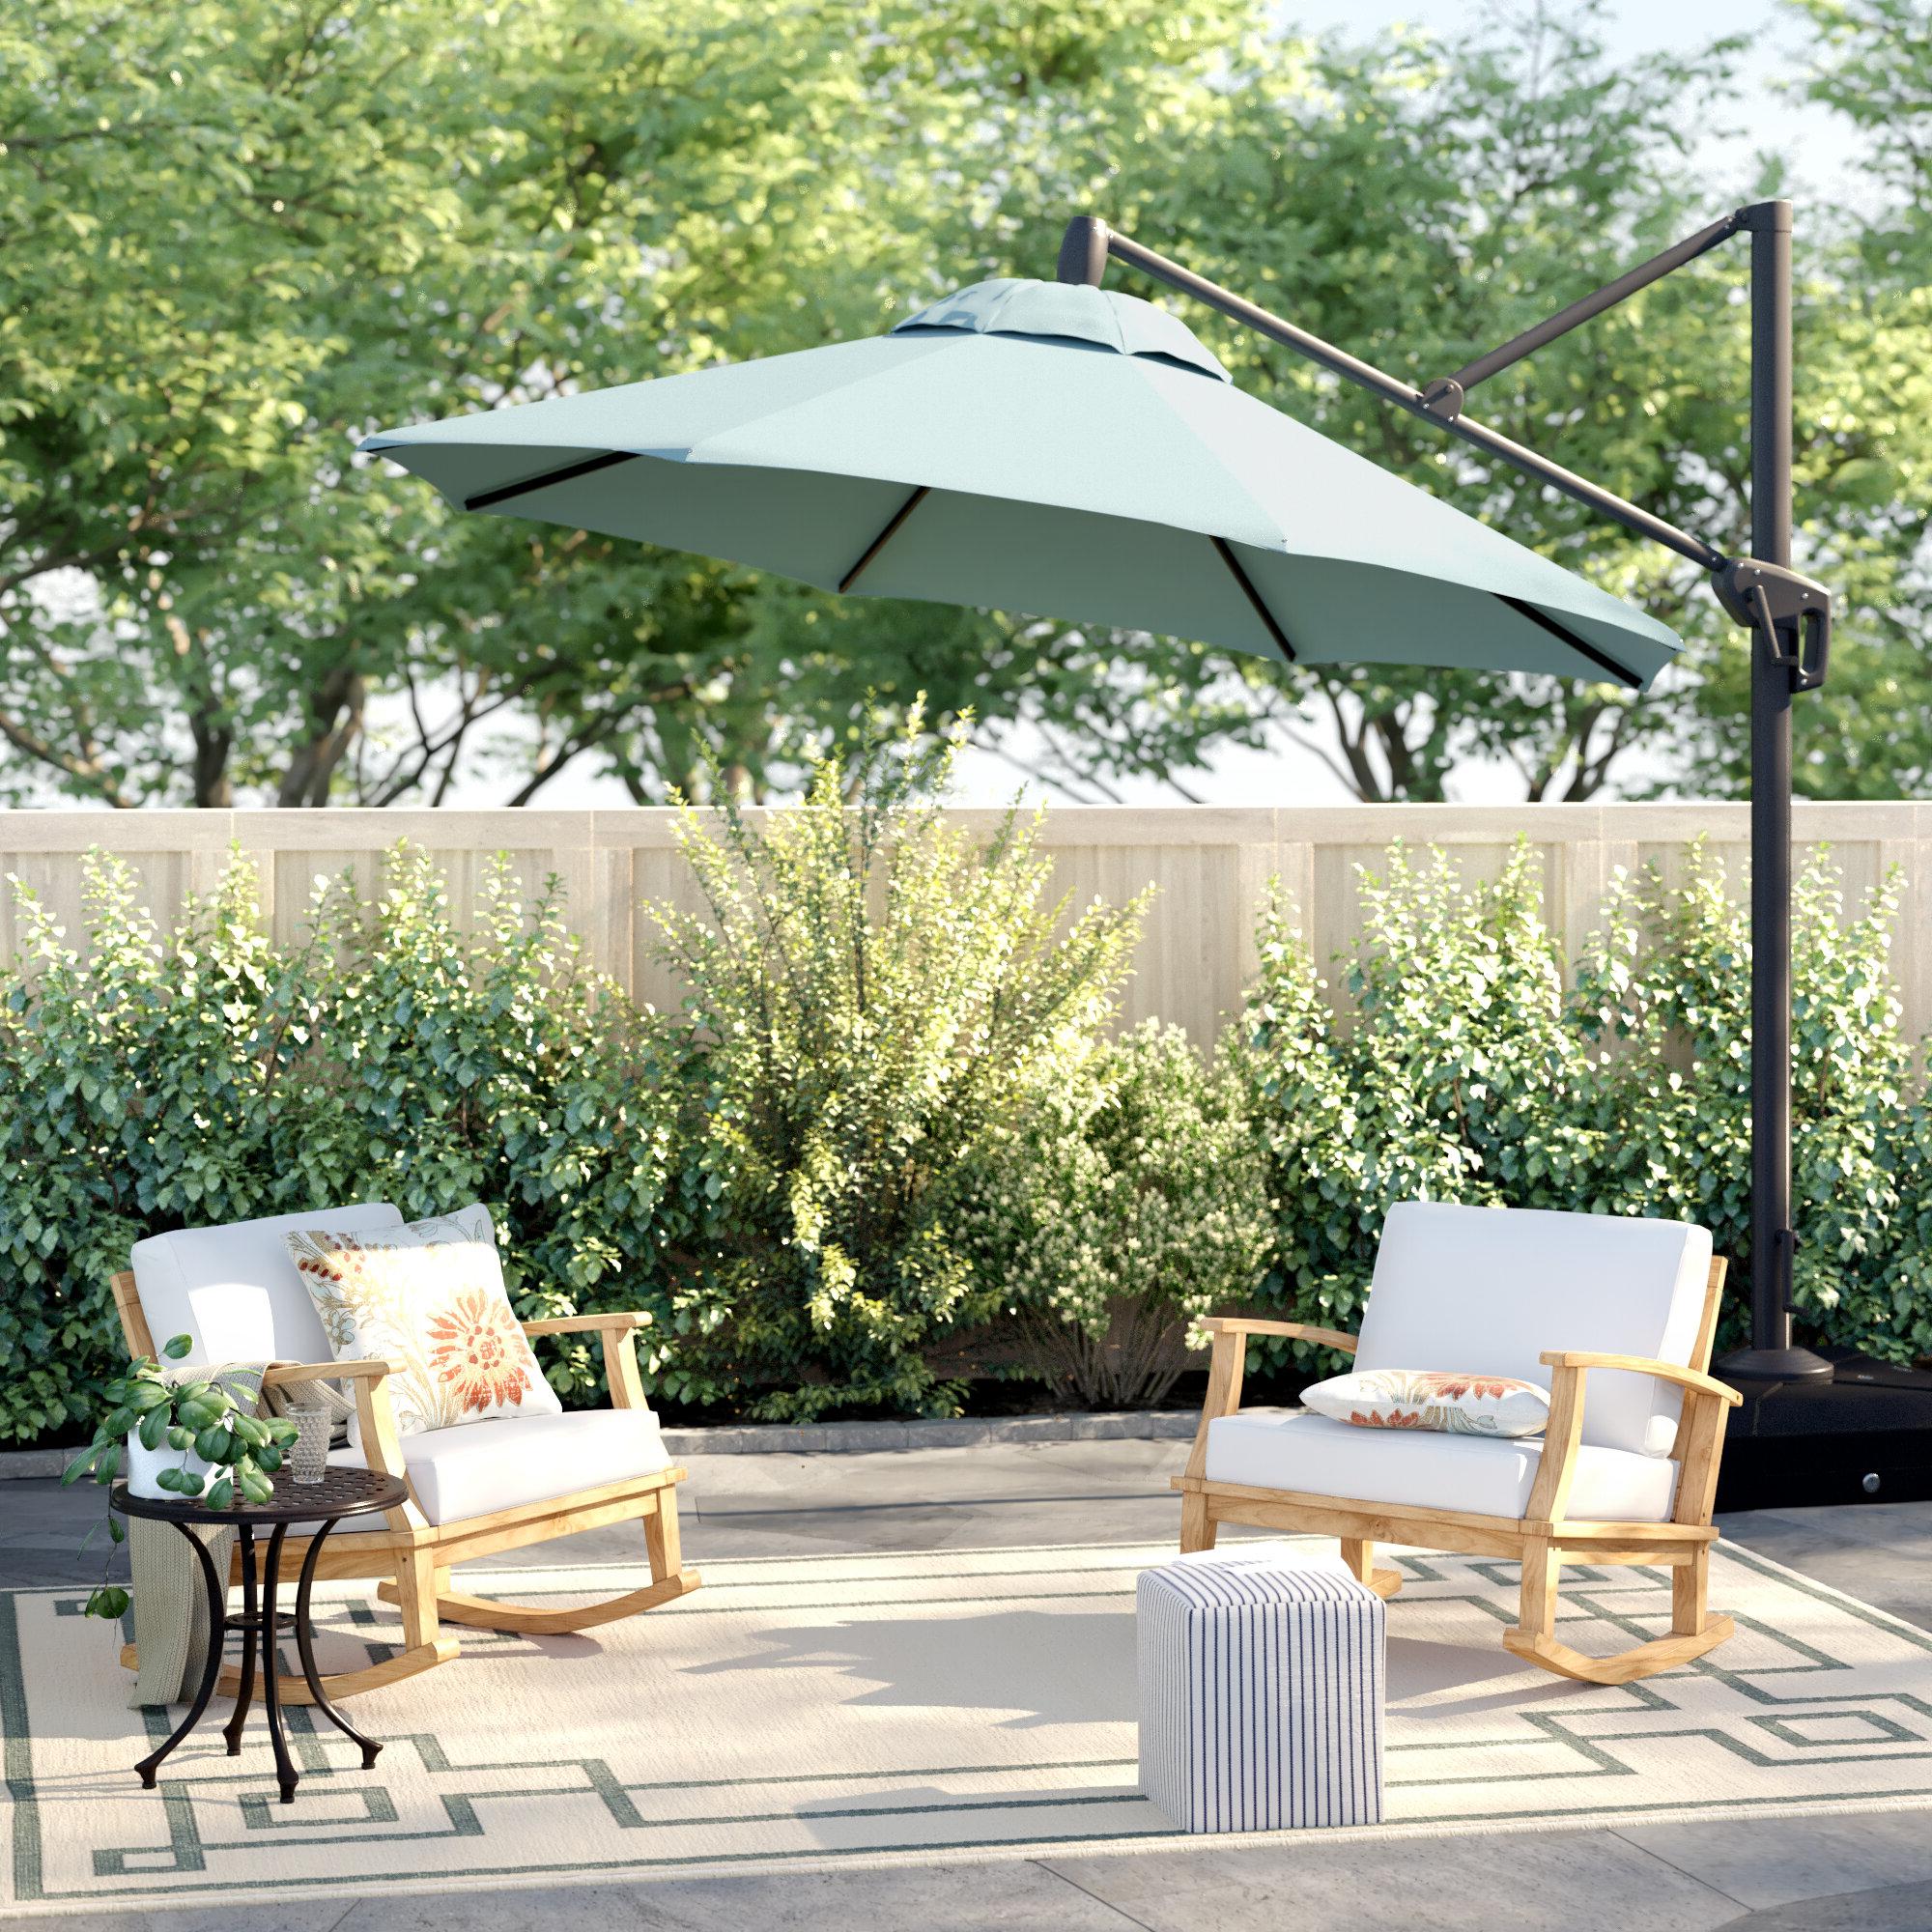 Ceylon 10' Cantilever Sunbrella Umbrella For Well Known Maidenhead Cantilever Umbrellas (View 4 of 20)